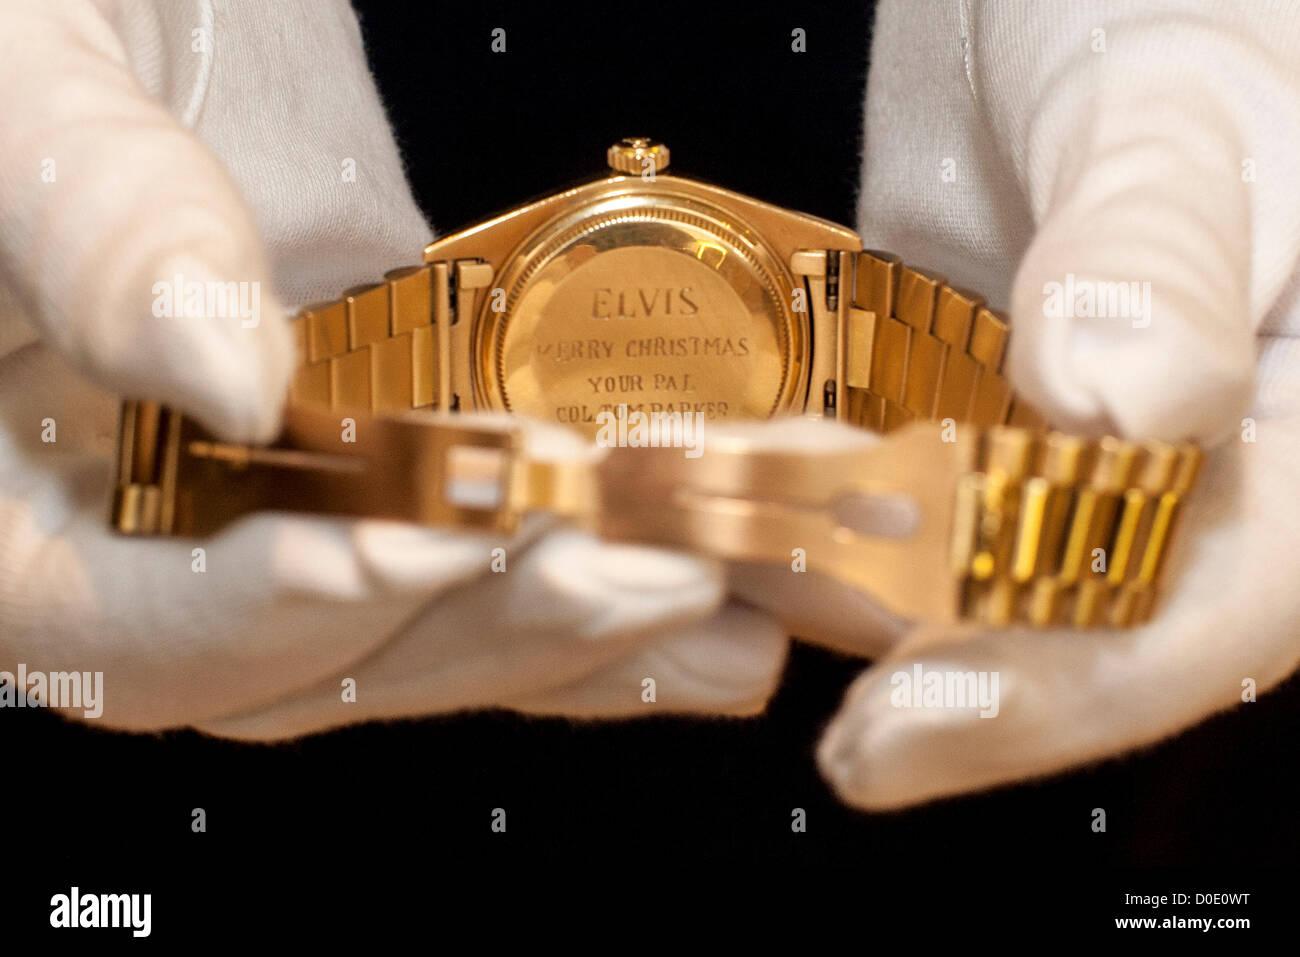 Auktion bei Christie's.  23.11.2012, London, Vereinigtes Königreich - Elvis Presleys feine und seltene Stockbild